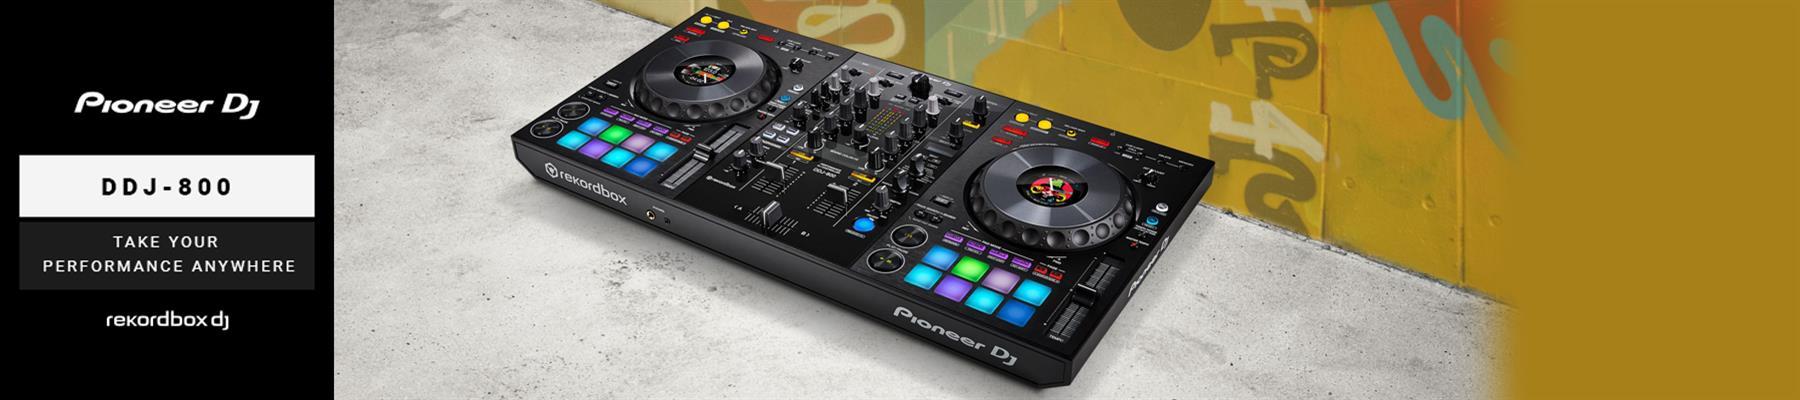 New Pioneer DDJ-800 rekordbox DJ controller